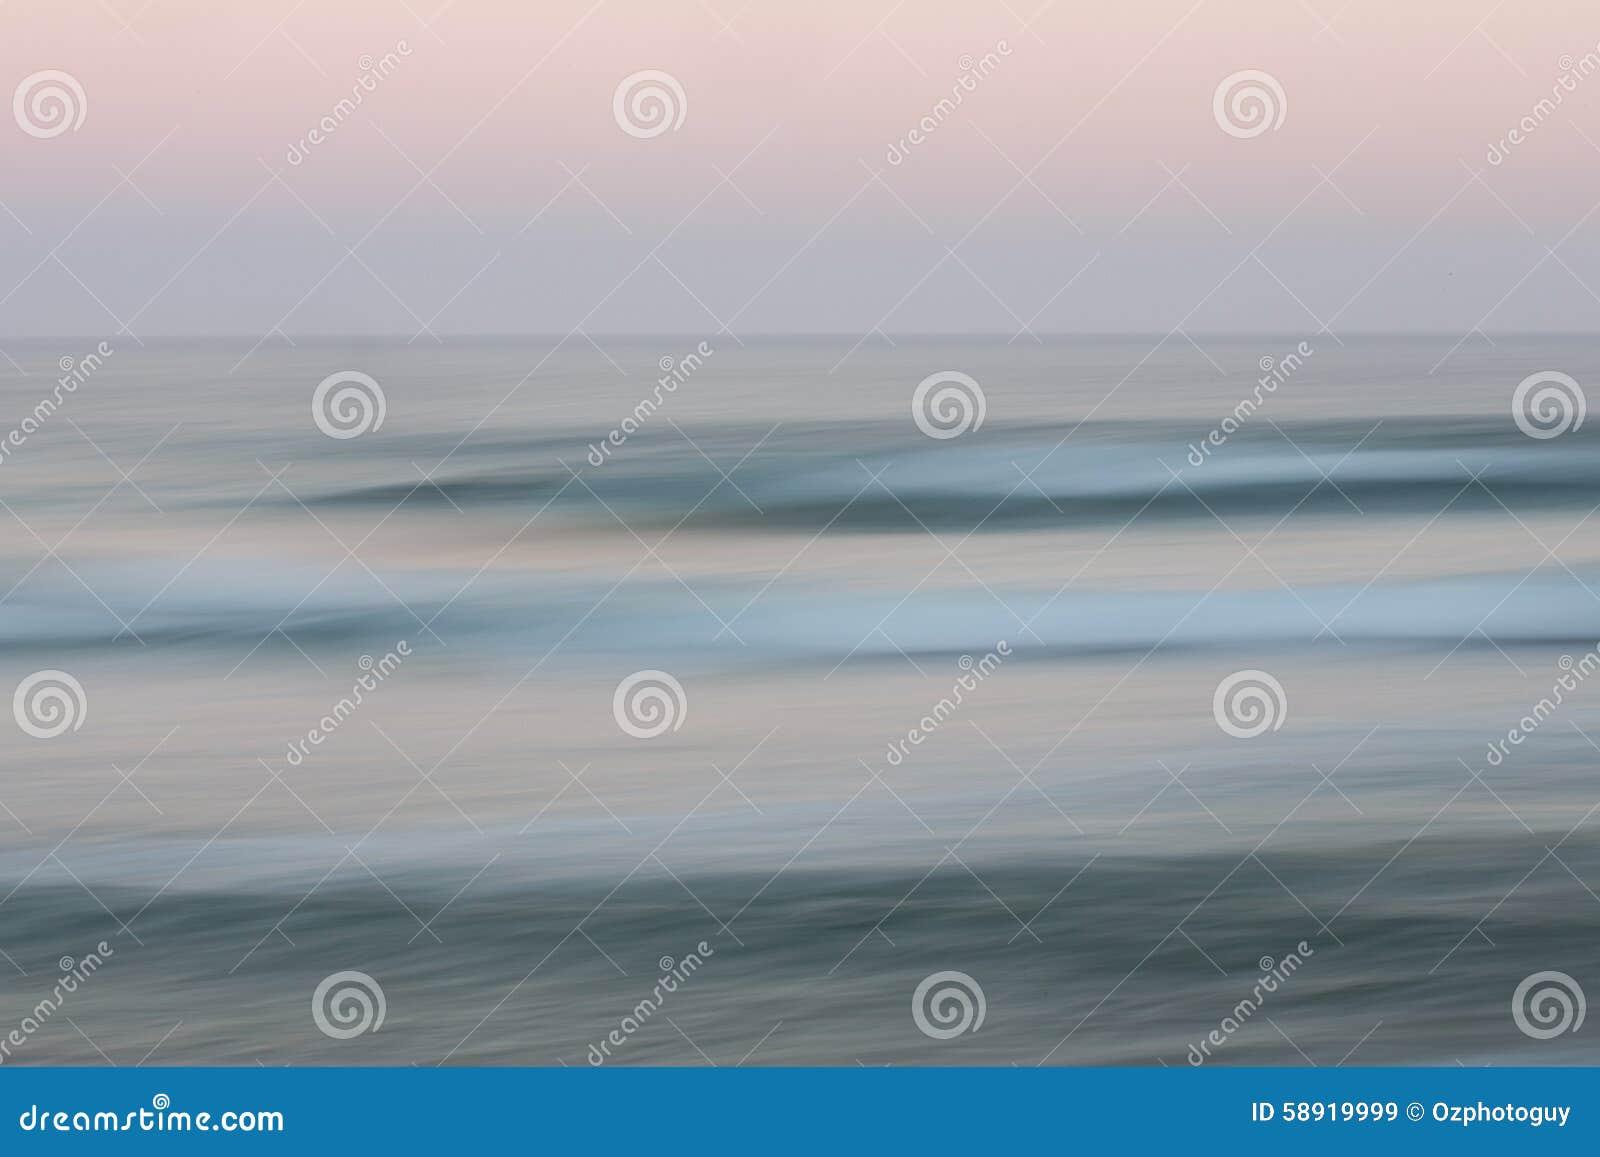 Fondo abstracto del océano de la salida del sol con el movimiento de filtrado borroso